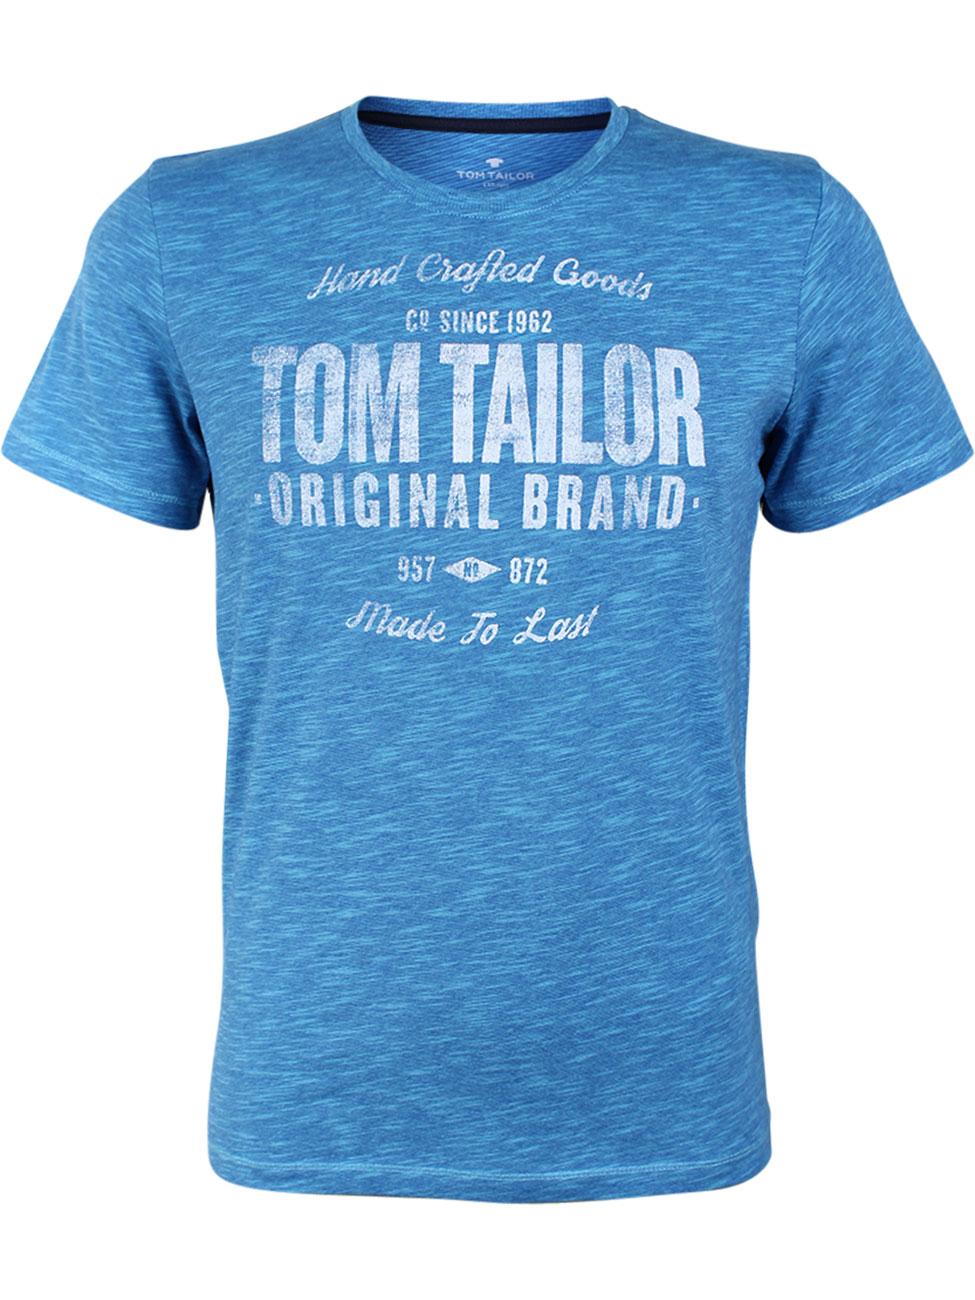 tom tailor herren t shirt fine dyed print kaufen jeans direct de. Black Bedroom Furniture Sets. Home Design Ideas